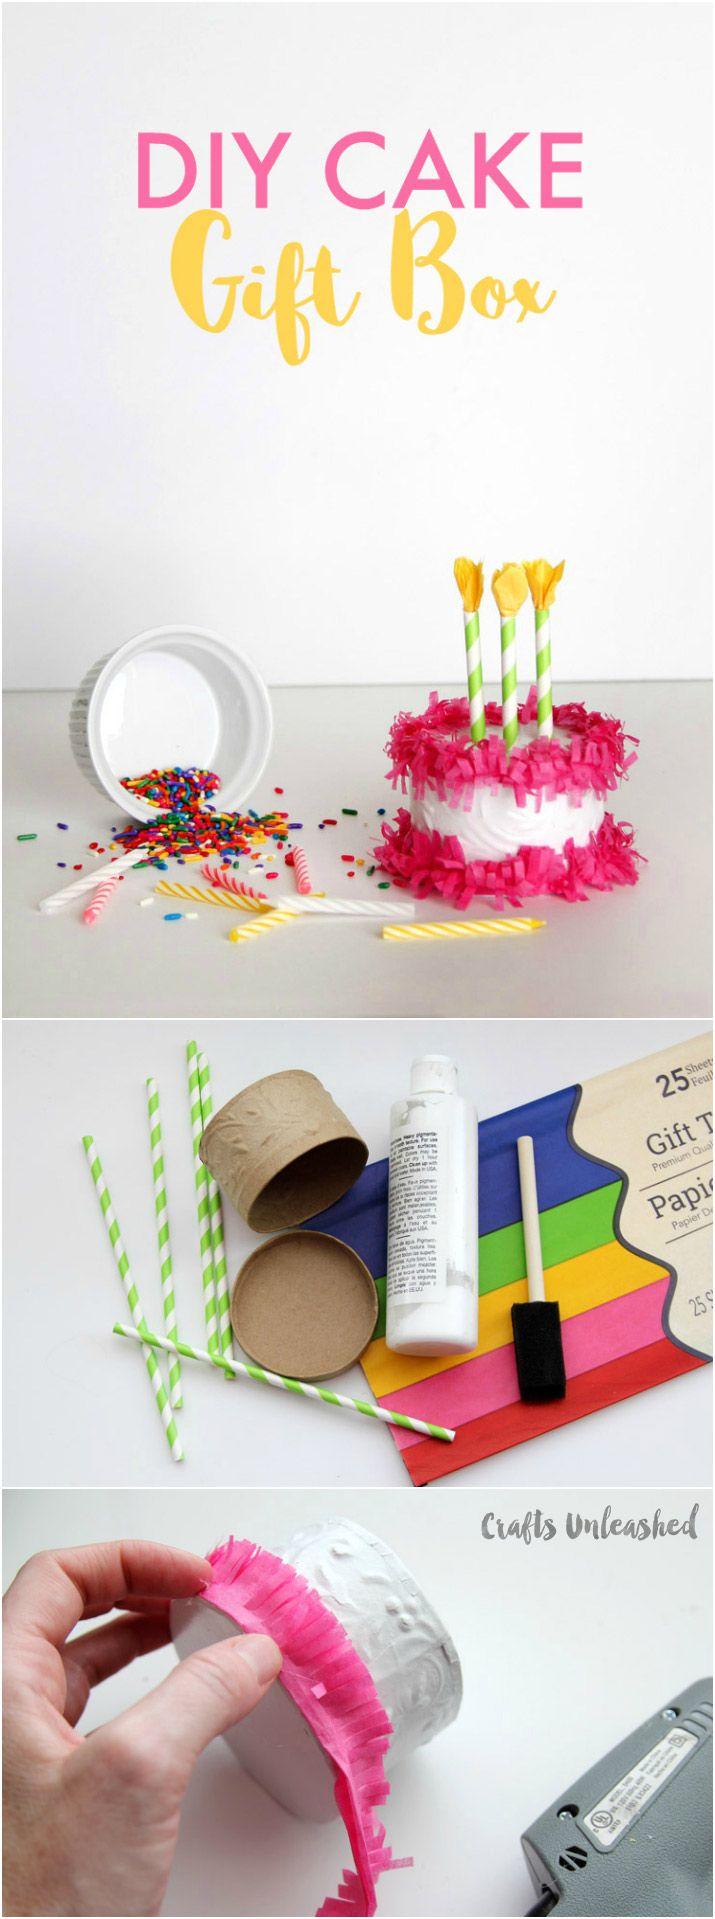 DIY Paper Mache Cake Gift Box Creative Birthday Gifts Mom